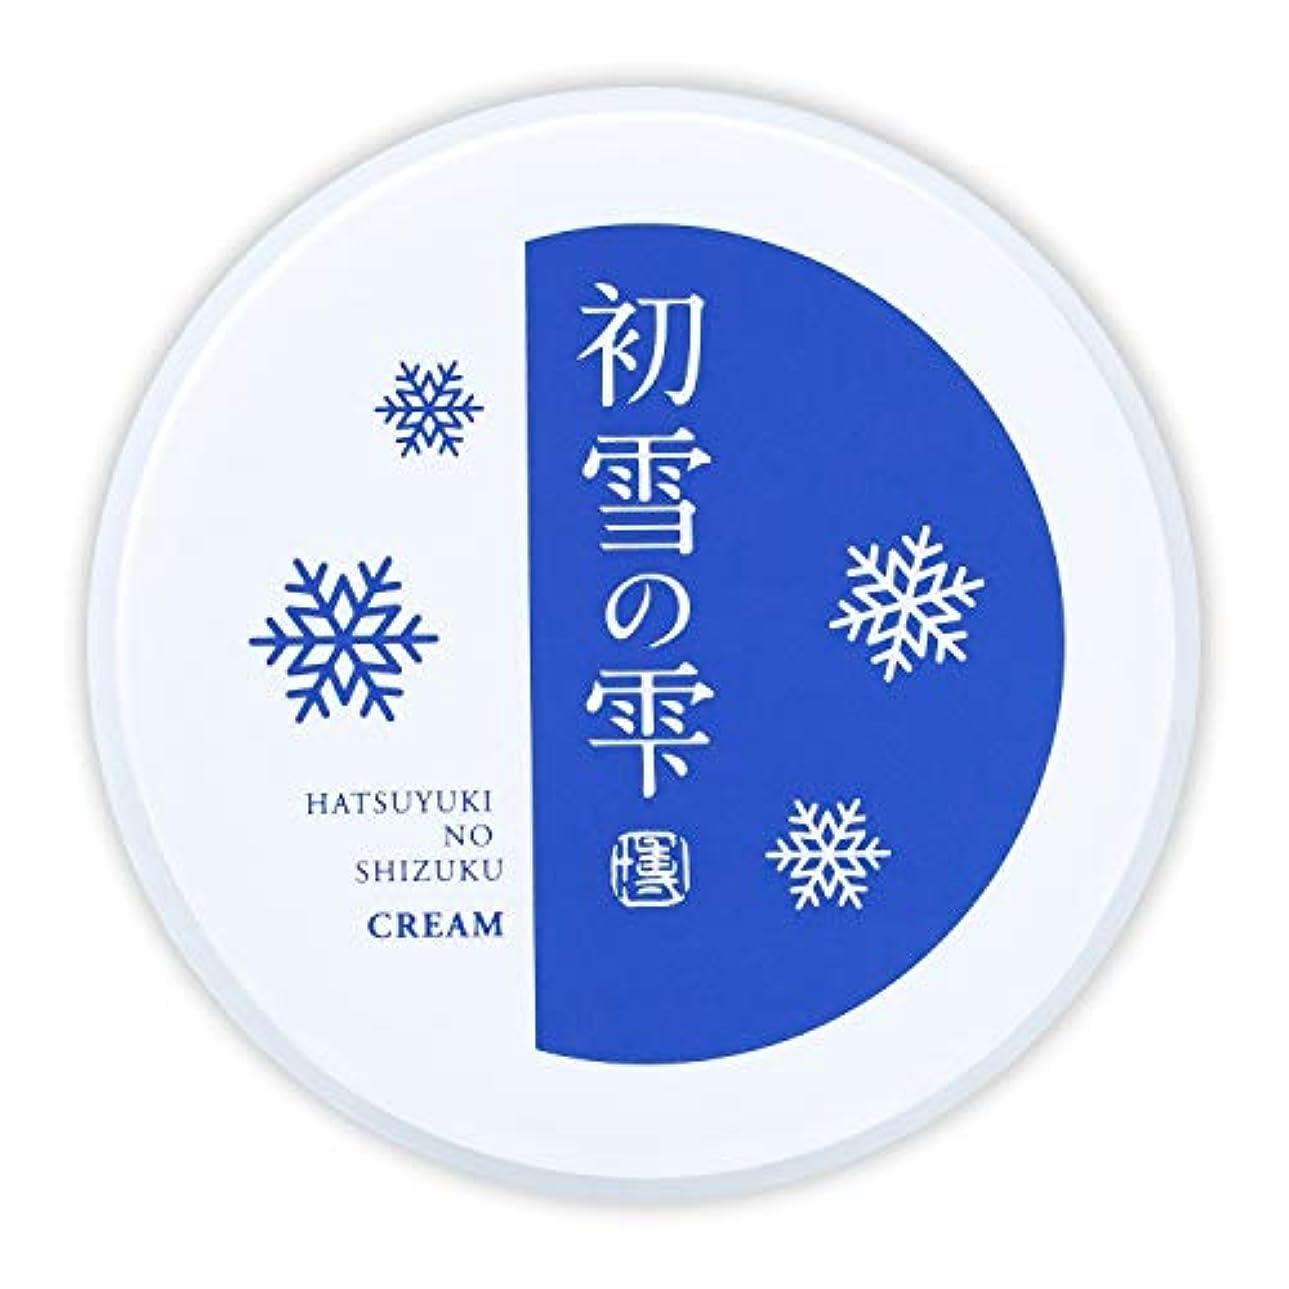 思想コンチネンタル回復初雪の雫 オールインワン 保湿 クリーム 27g 約2週間分 [プラセンタ ヒアルロン酸 セラミド アルブチン ビタミンC ]